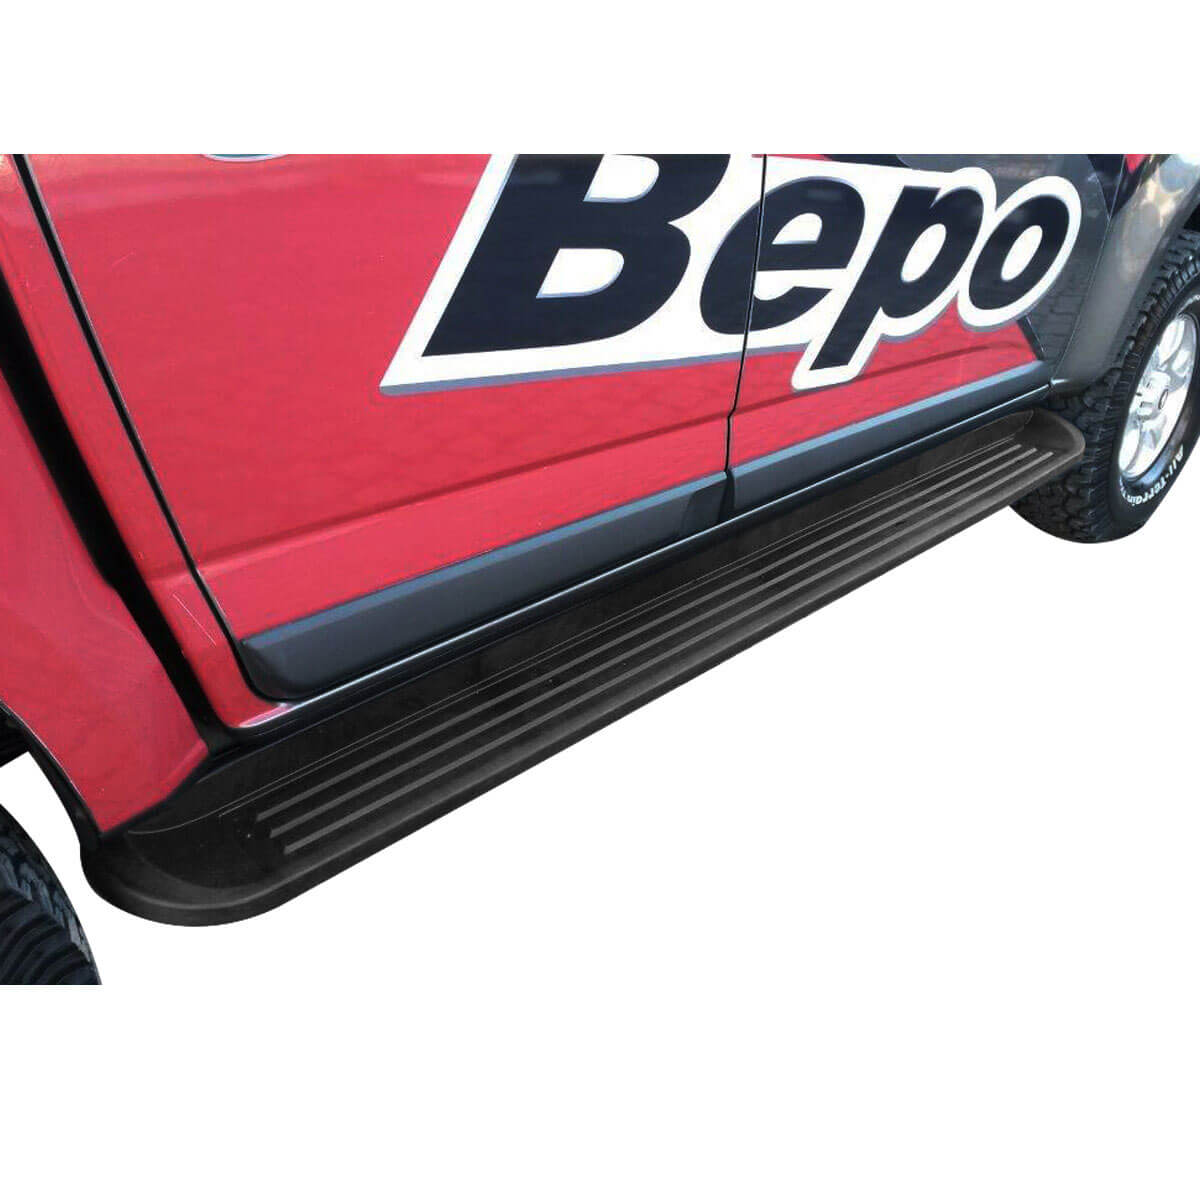 Estribo Nova S10 cabine dupla 2012 a 2018 semelhante original Bepo